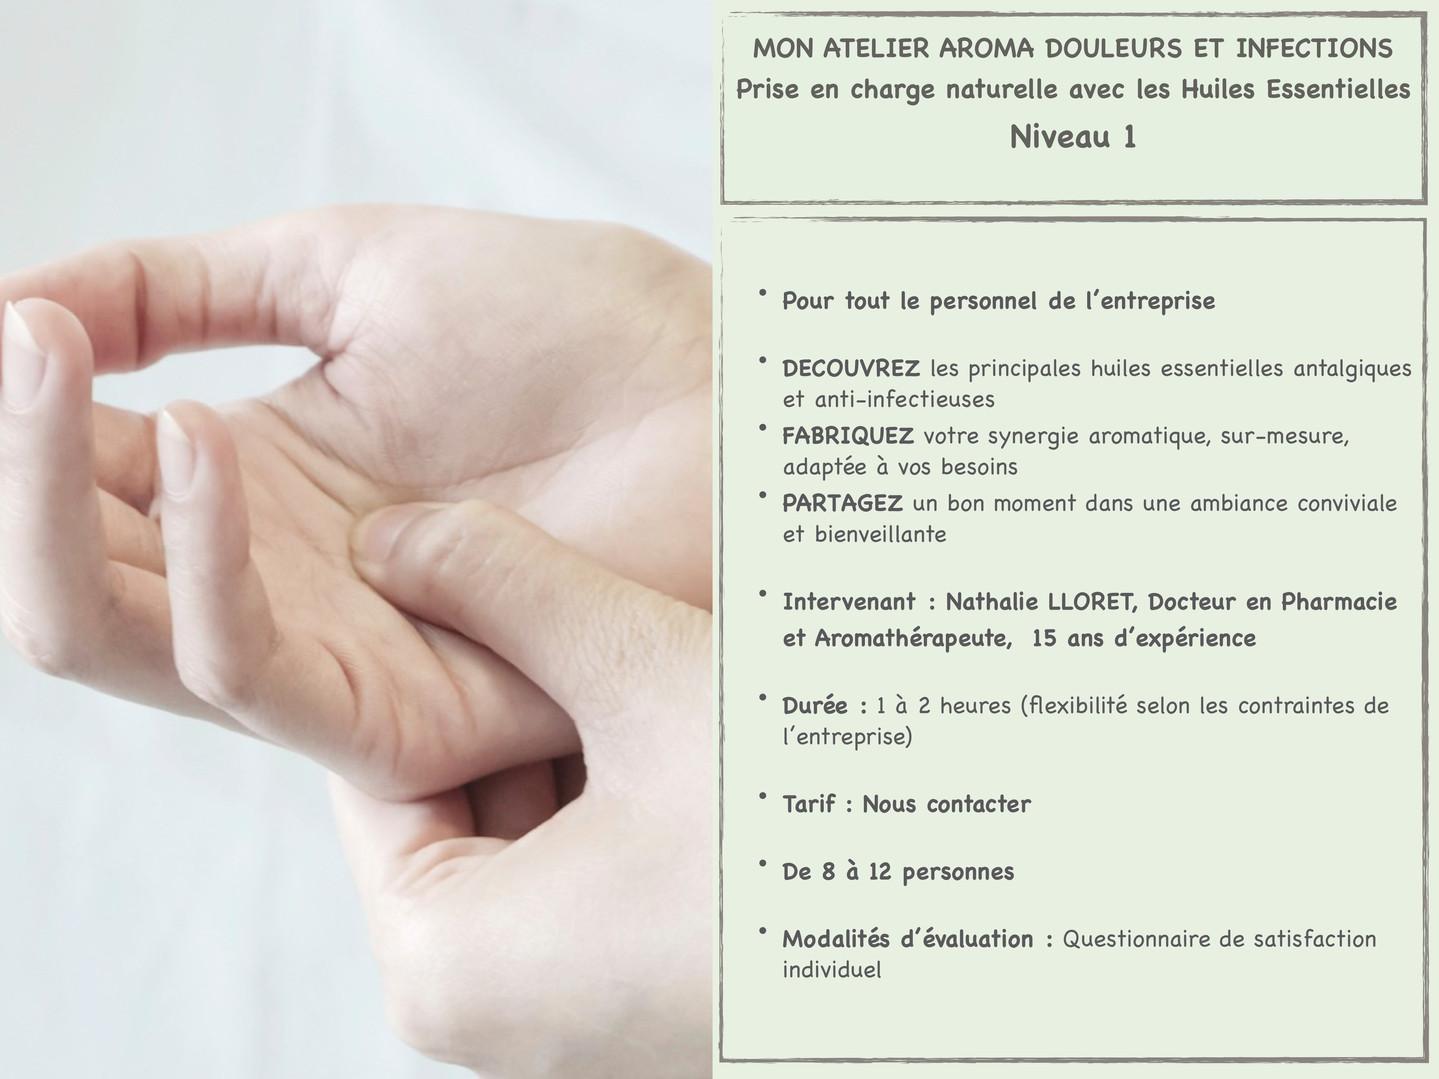 Douleurs et Infections Niveau 1.jpg